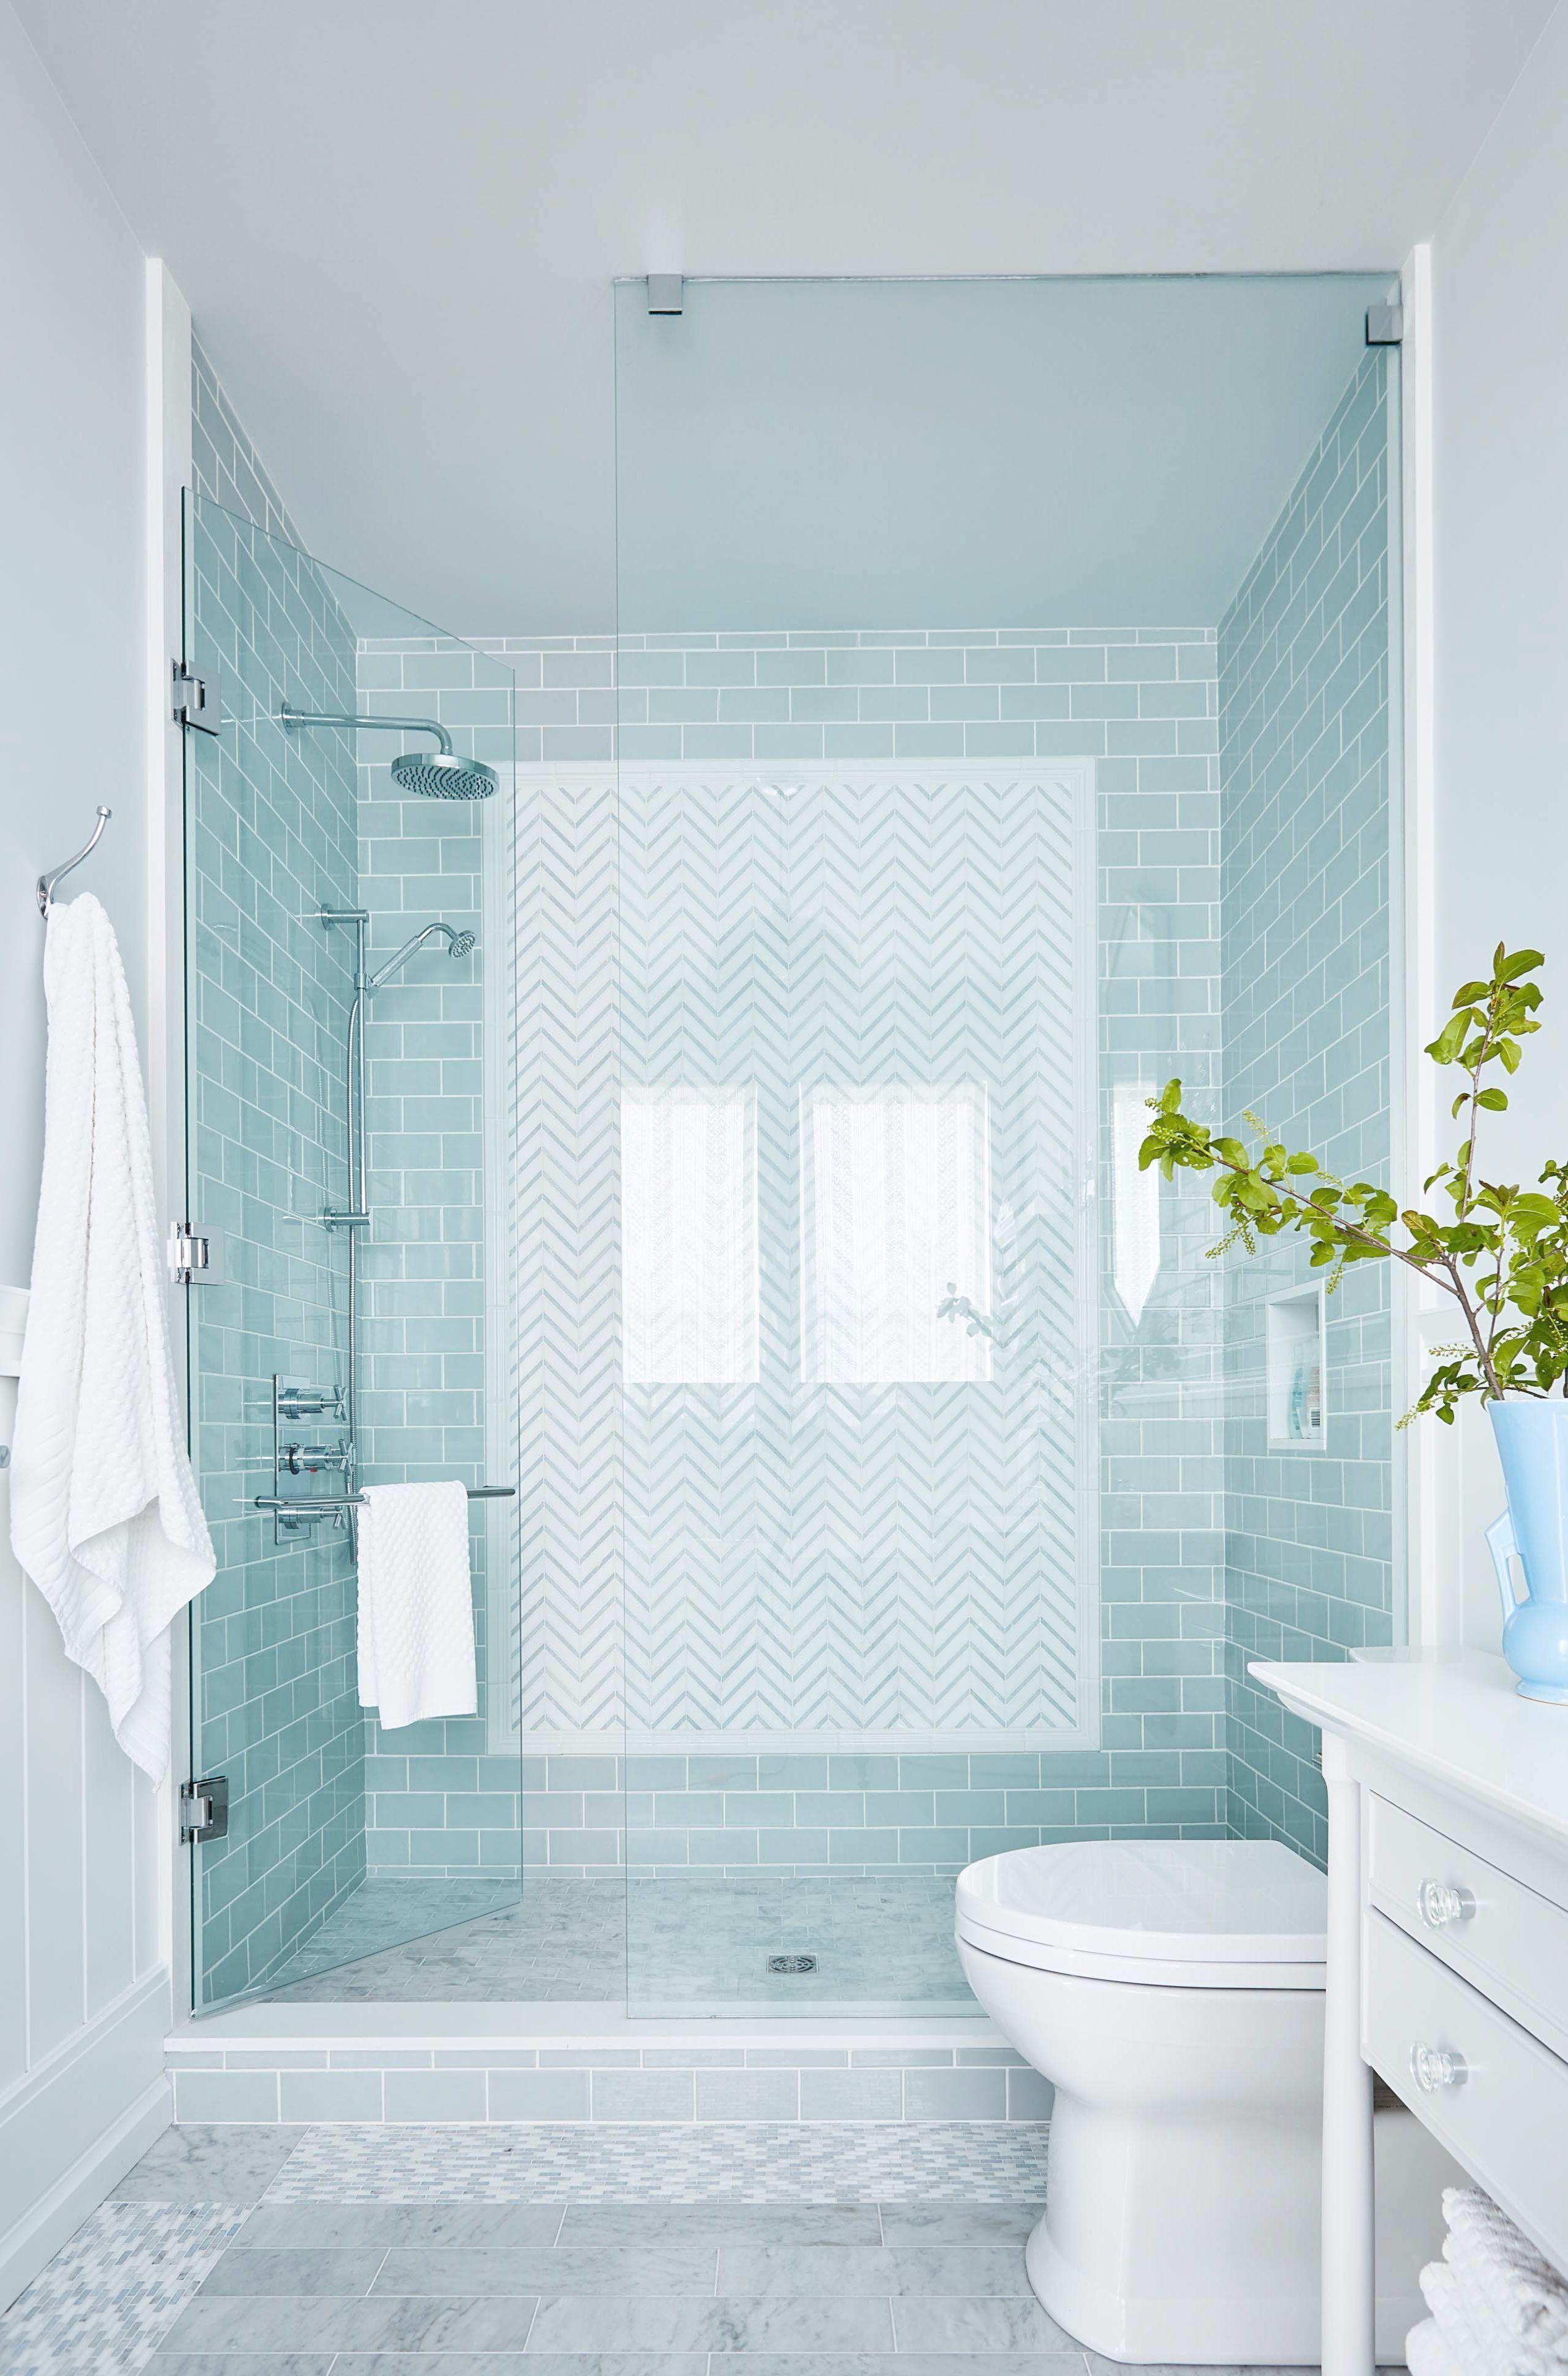 Bathroom Tile Ideas Green On Bathroom Light Fixtures Beach Theme